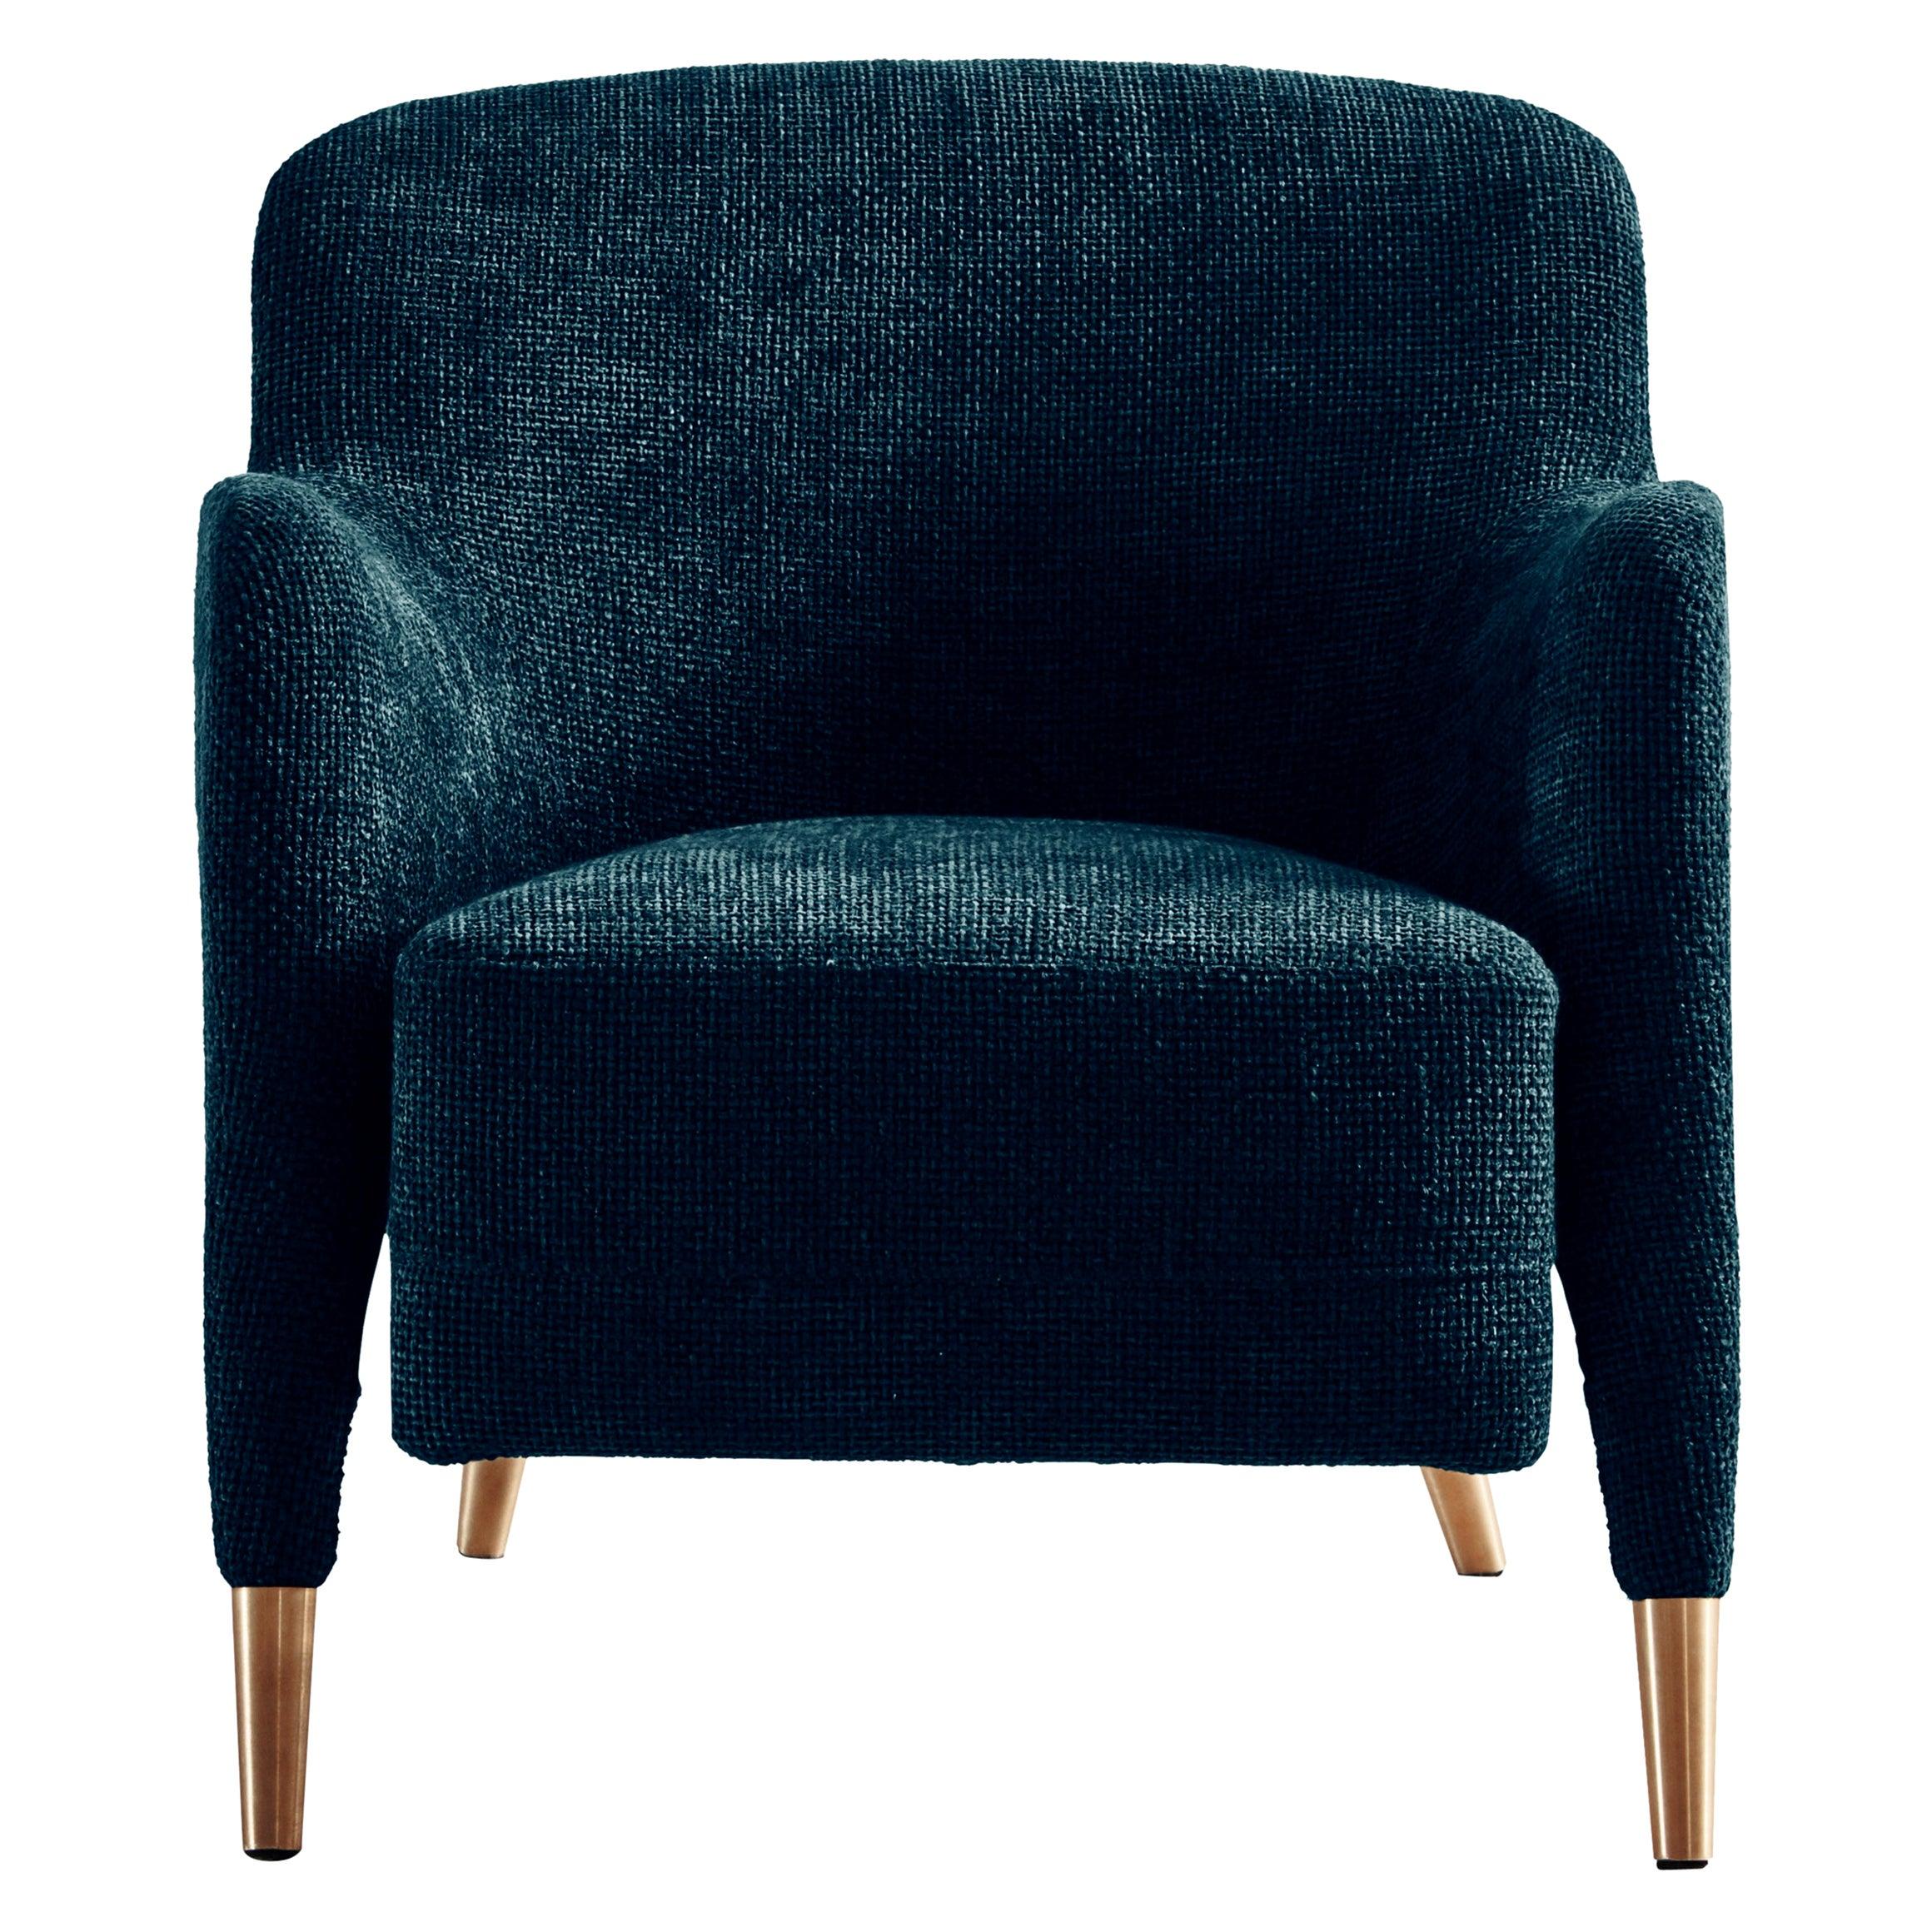 Molteni&C D.151.4 Armchair in Velvet by Gio Ponti